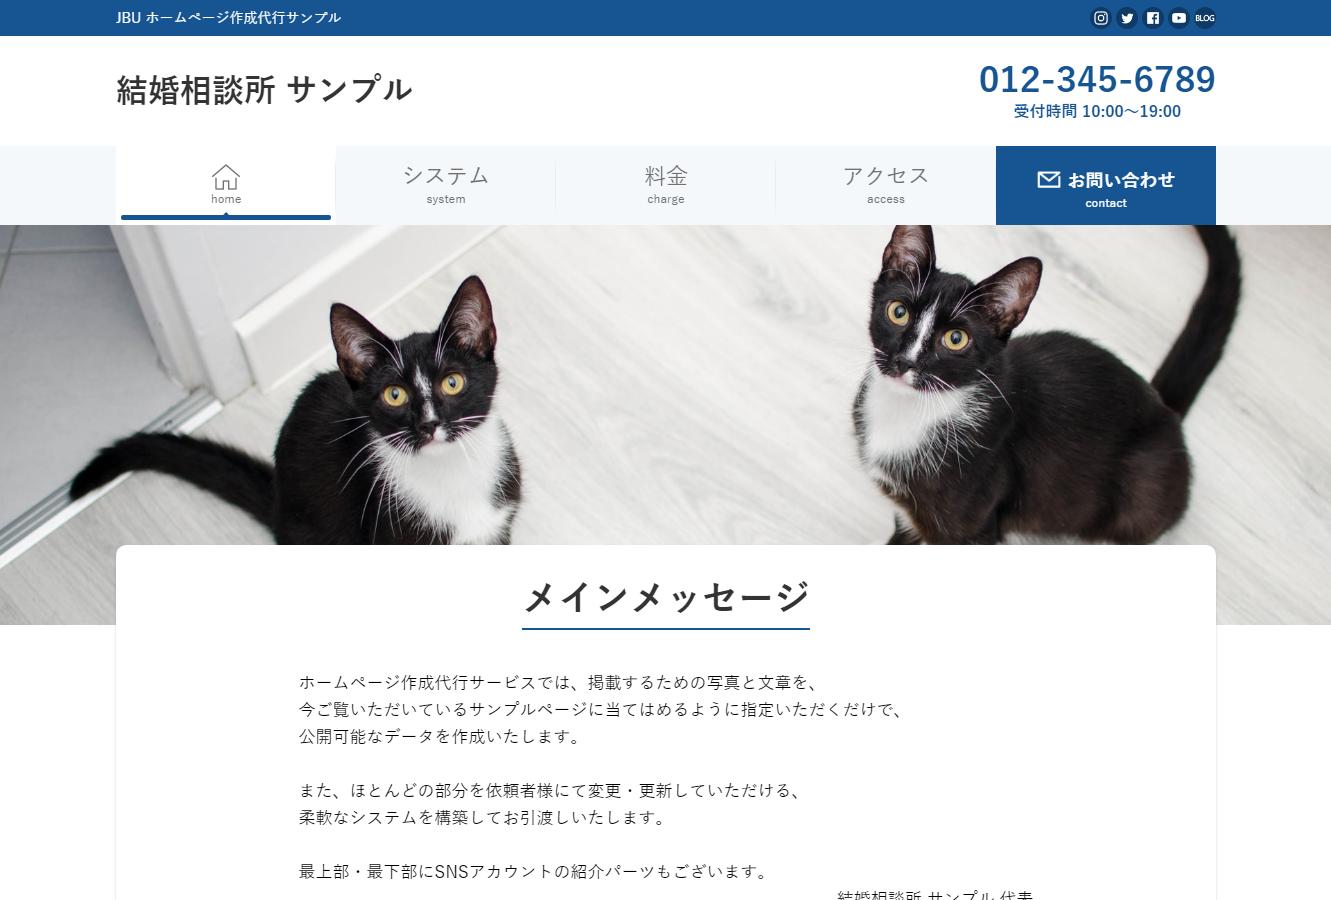 ホームページ作成代行サンプル1-1